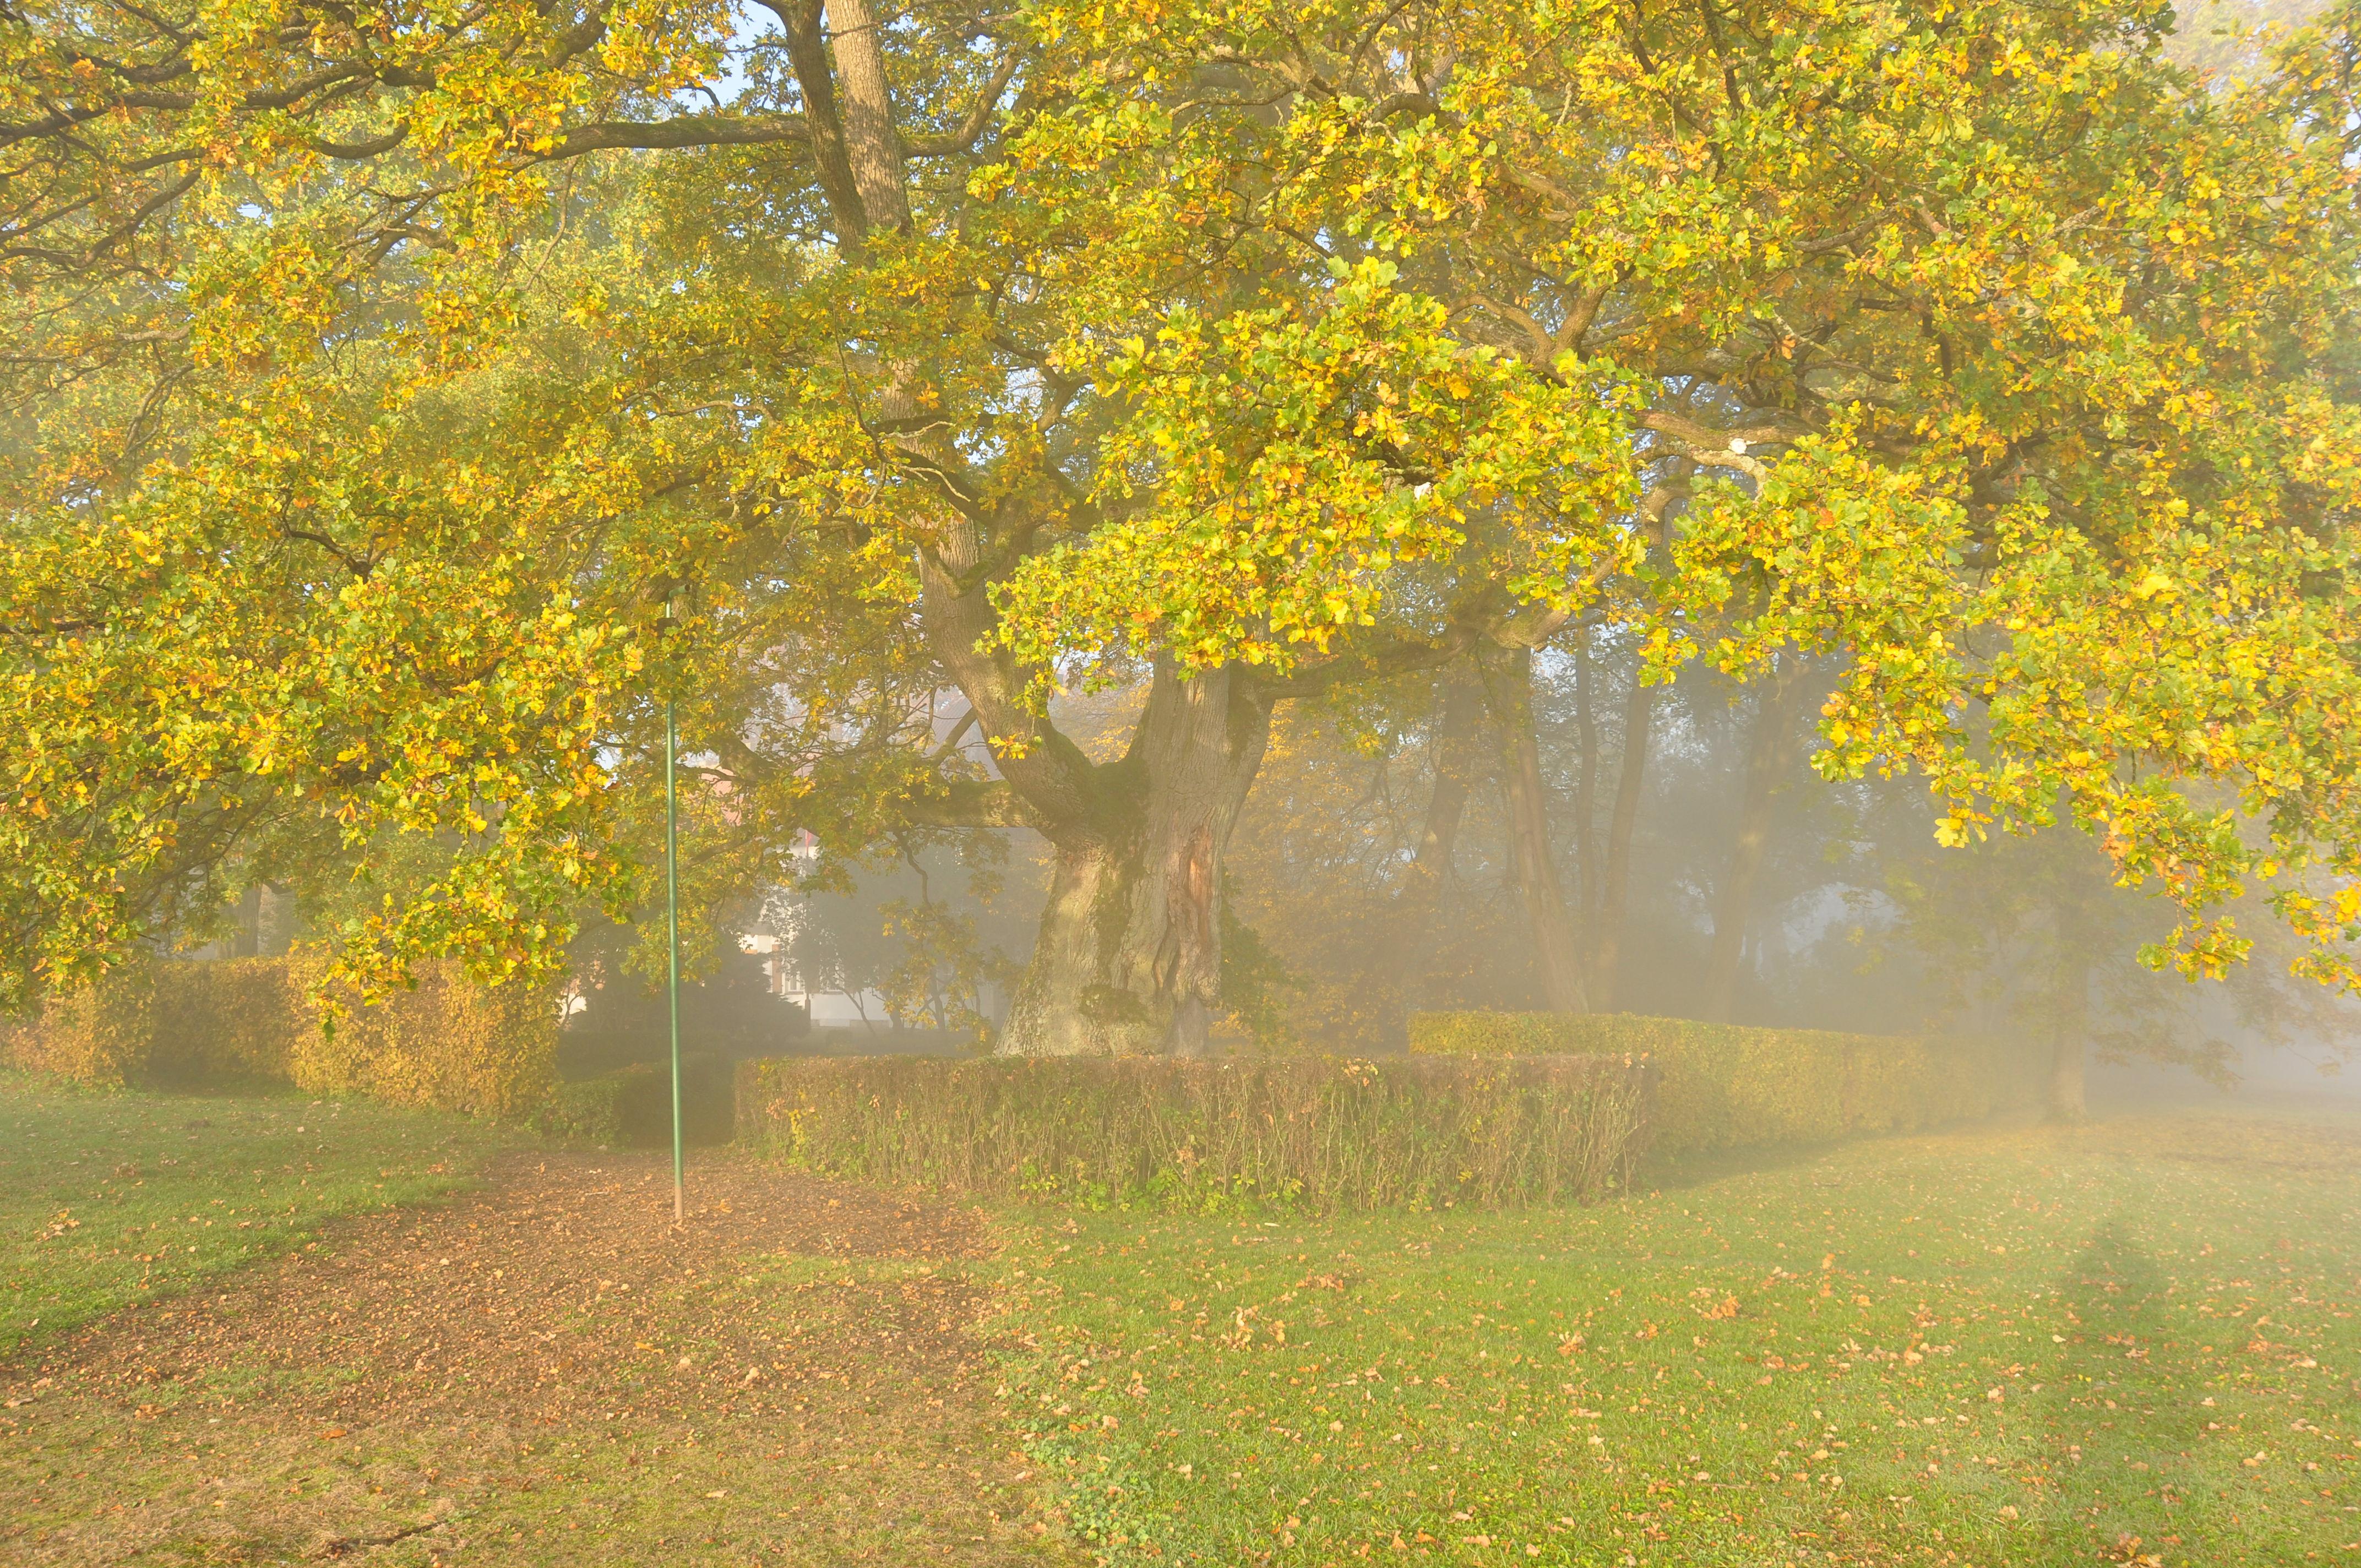 Dąb Wybickiego jesienią we mgle